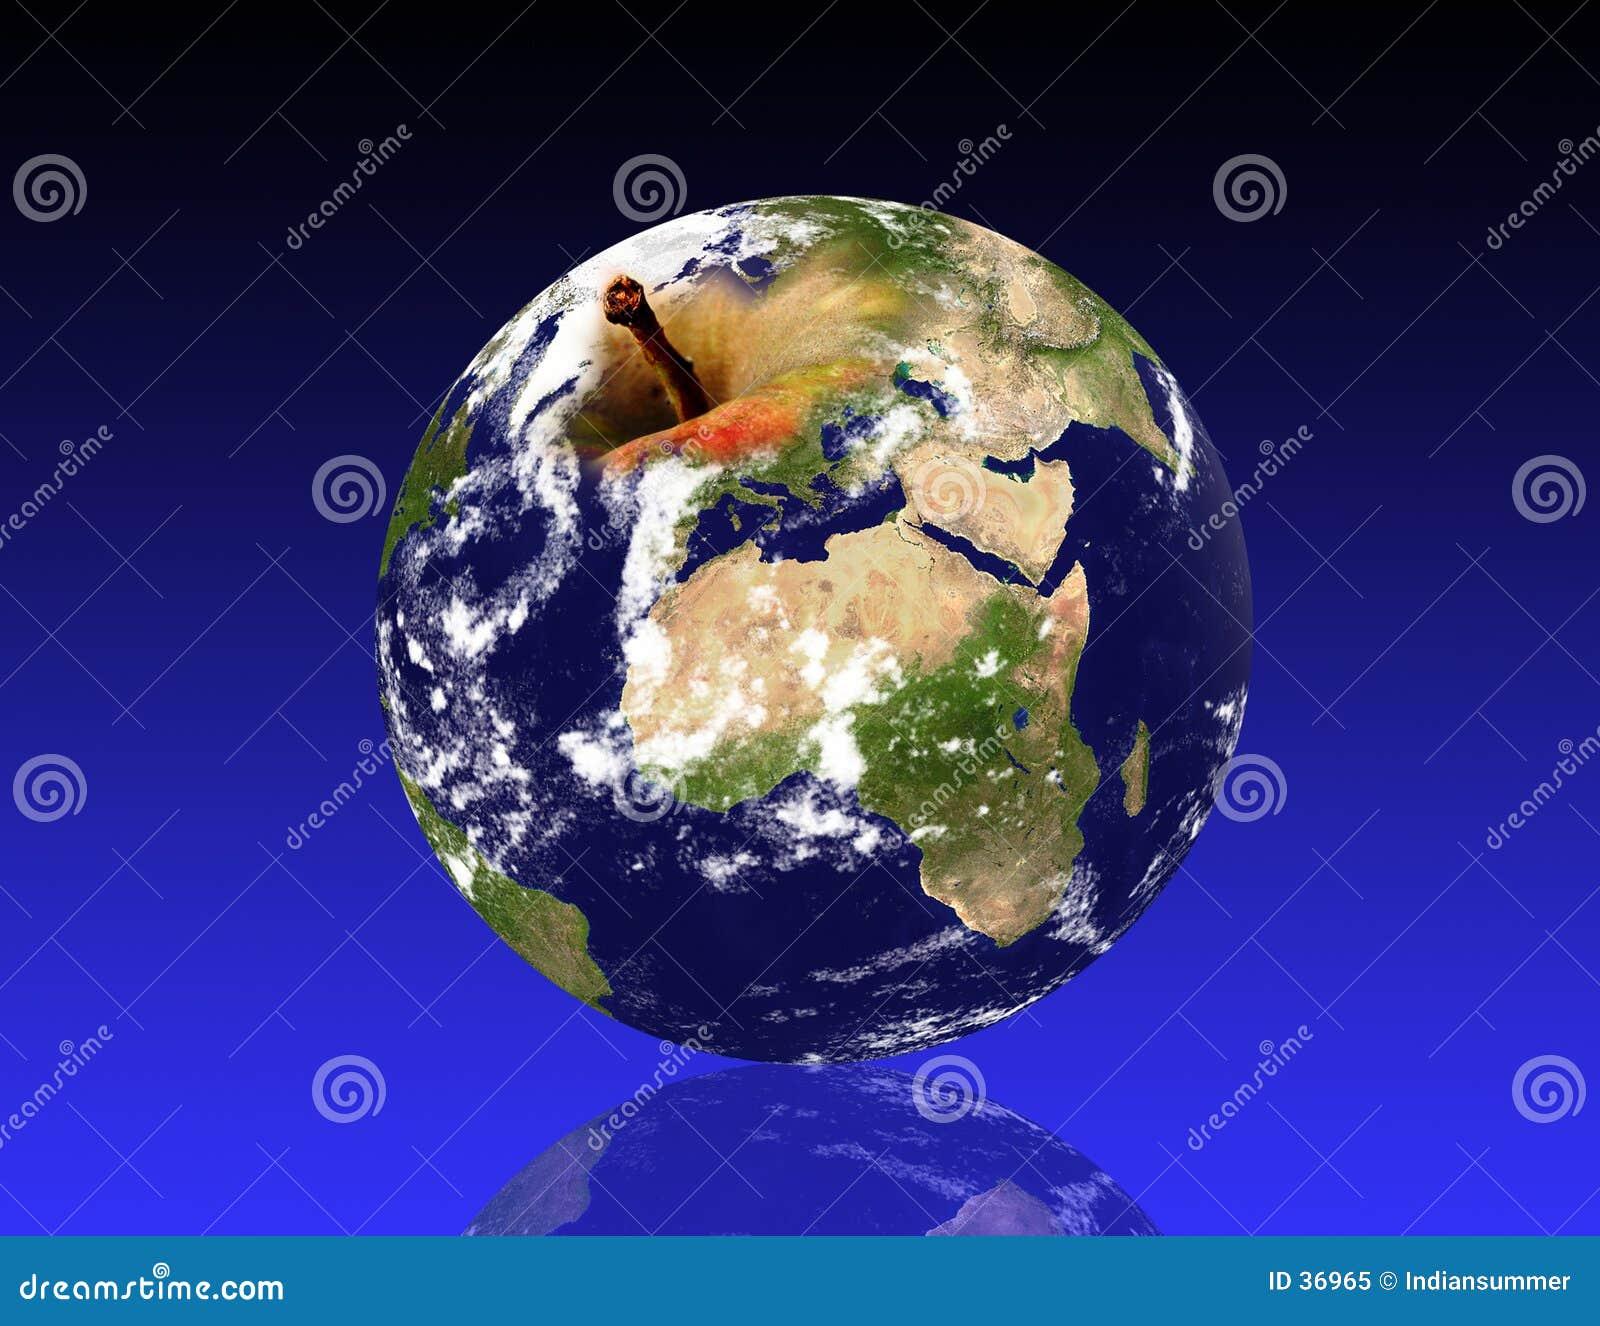 Erdeplanet, wie ein Apfel